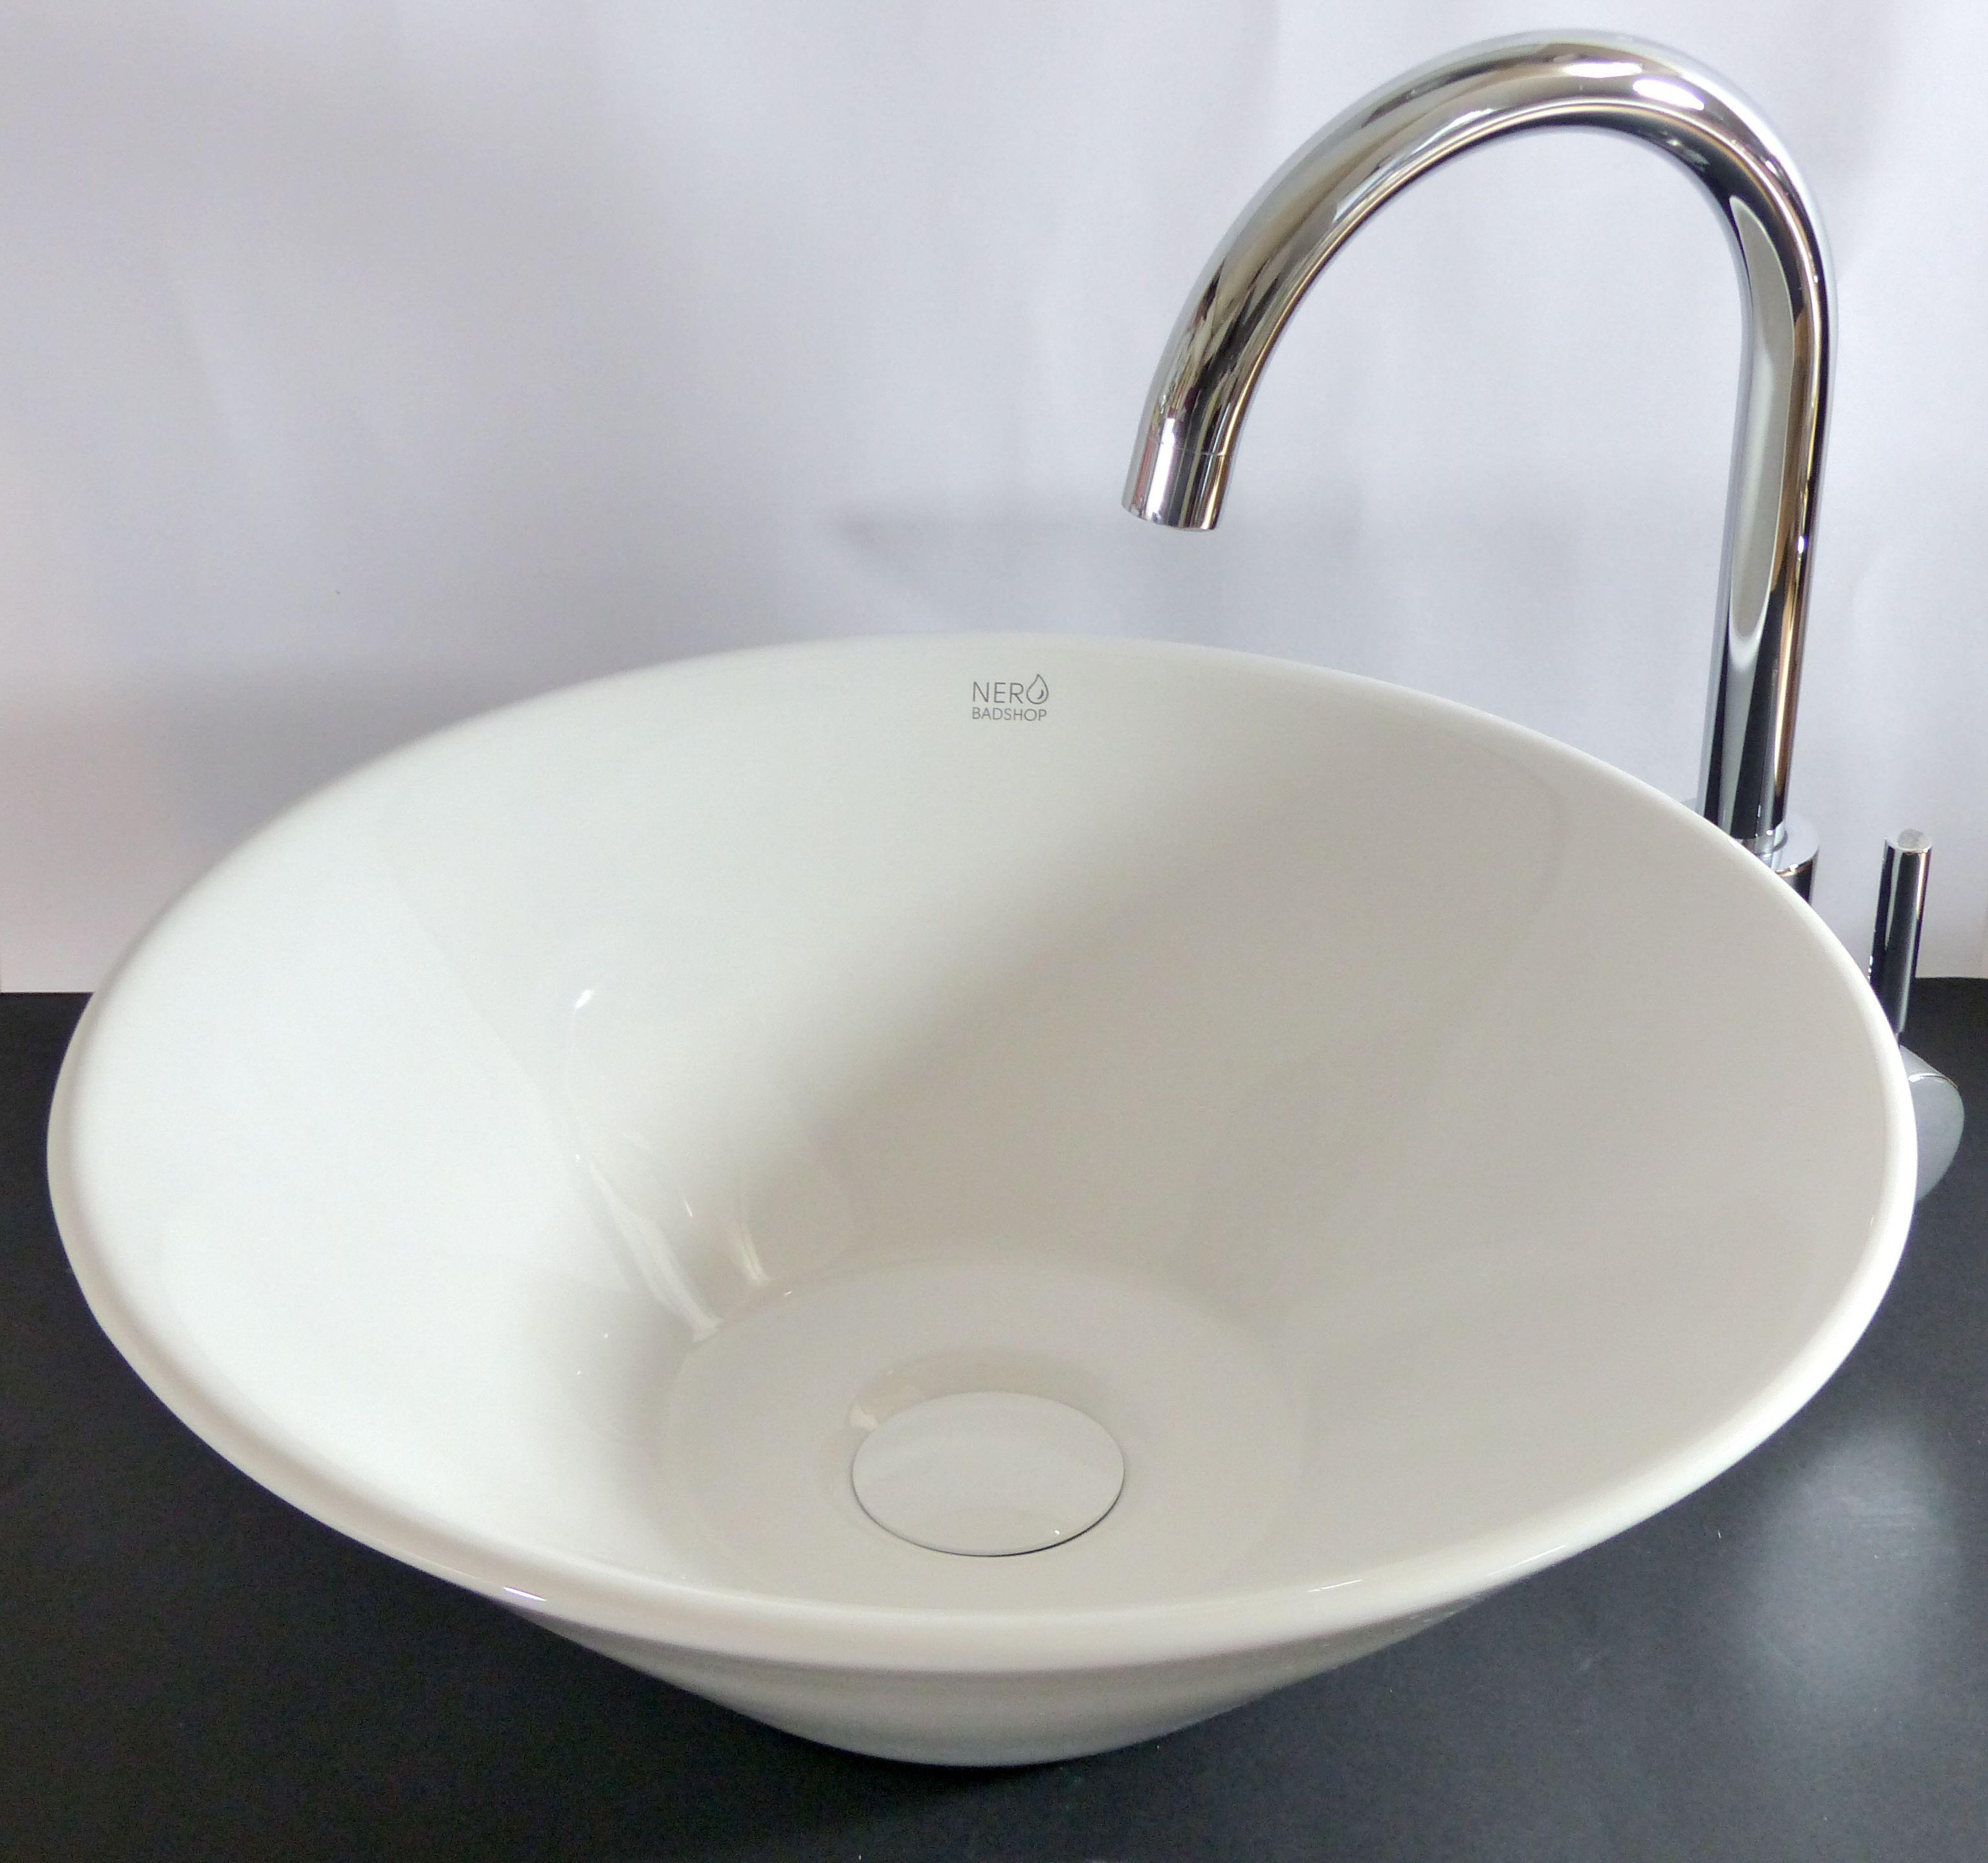 nero badshop runde keramik aufsatz waschschale konisch online kaufen. Black Bedroom Furniture Sets. Home Design Ideas